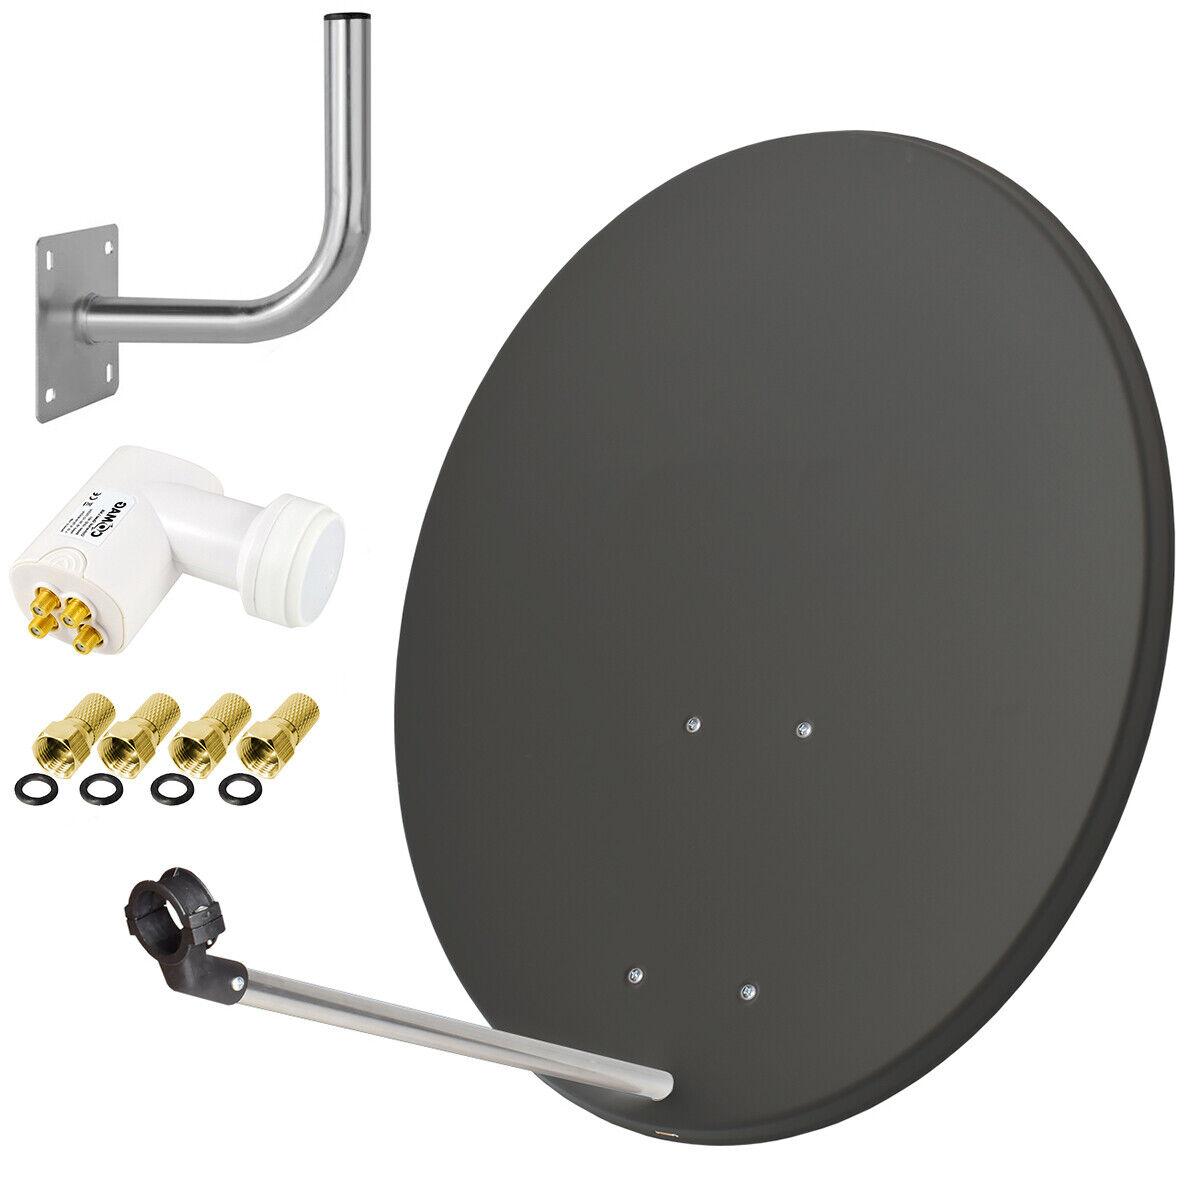 COMAG Digitale SAT Anlage 80cm Satelliten Spiegel Schüssel +QUAD LNB +Wandhalter